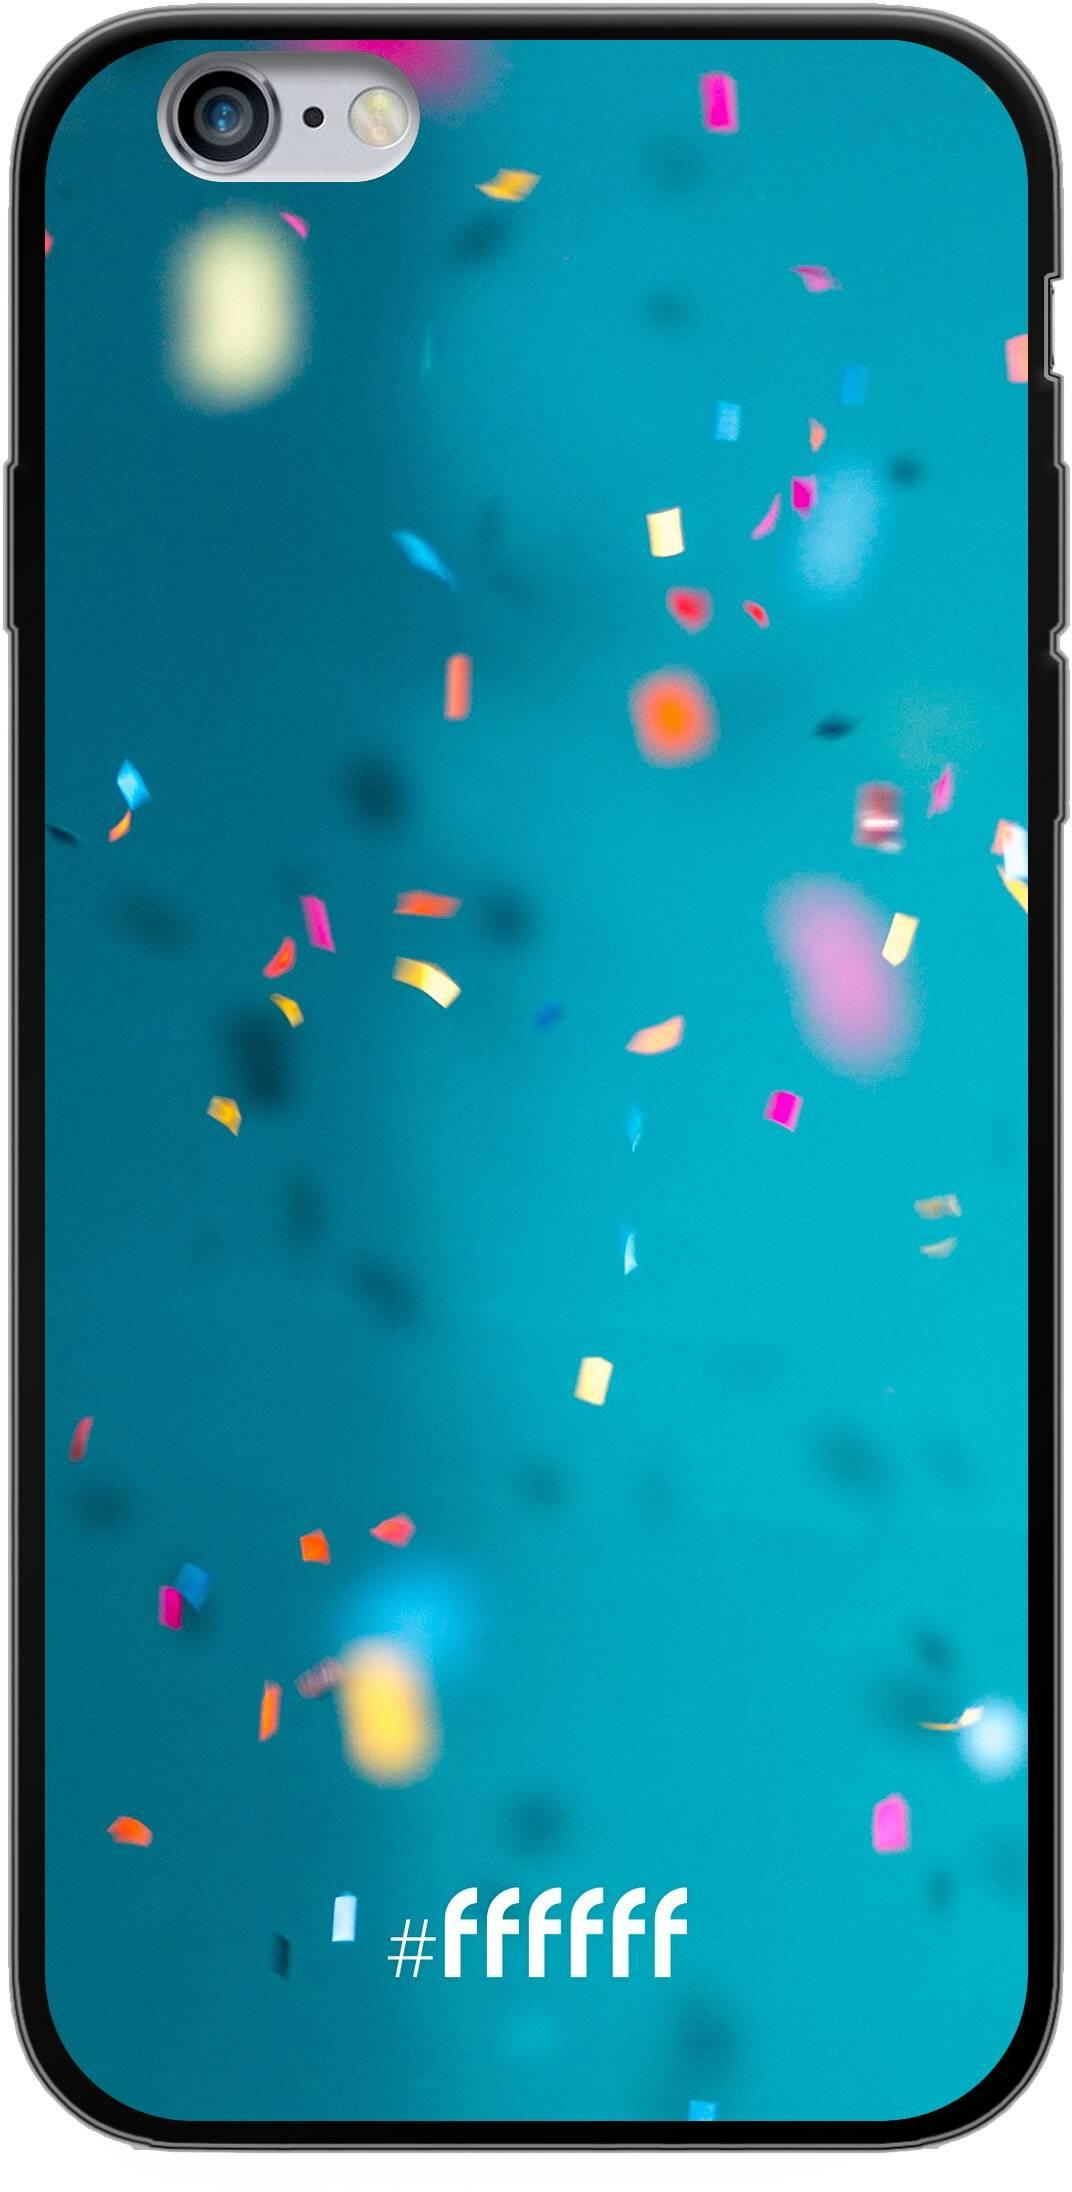 Confetti iPhone 6